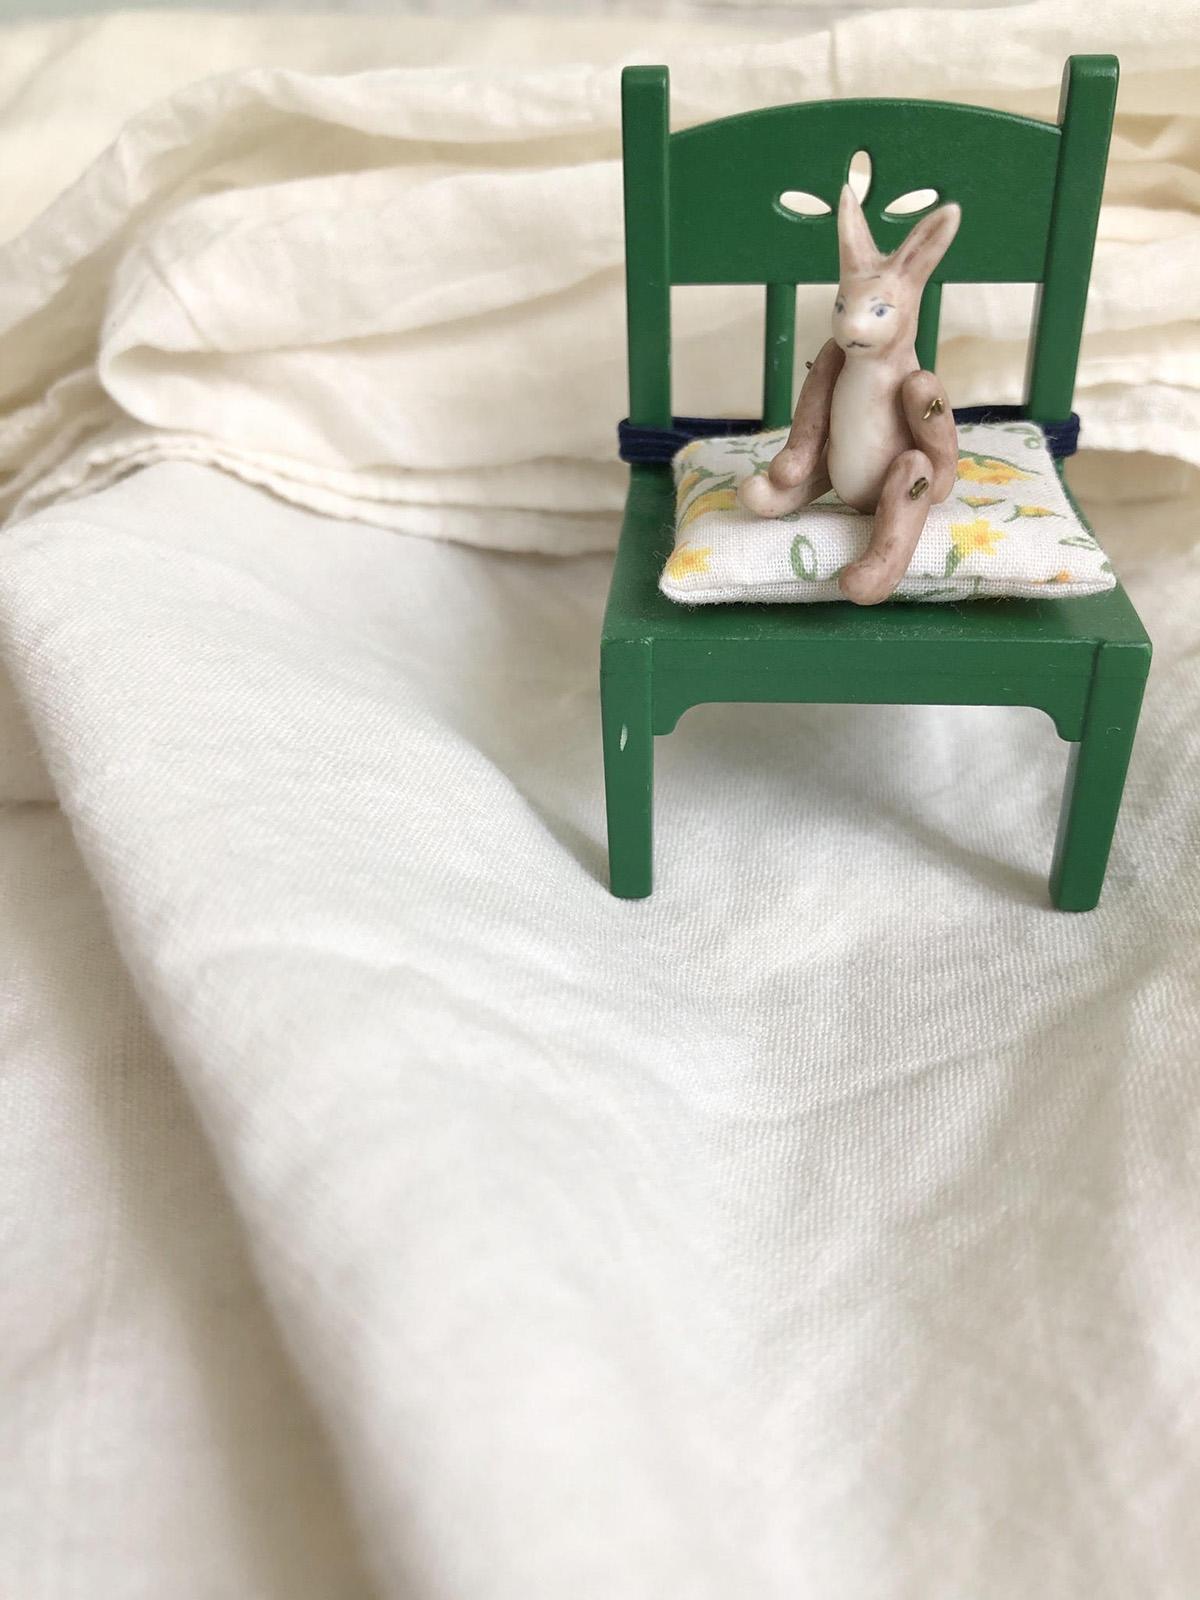 金工作家 望月若子の「かわいいの根っこ」vol.3